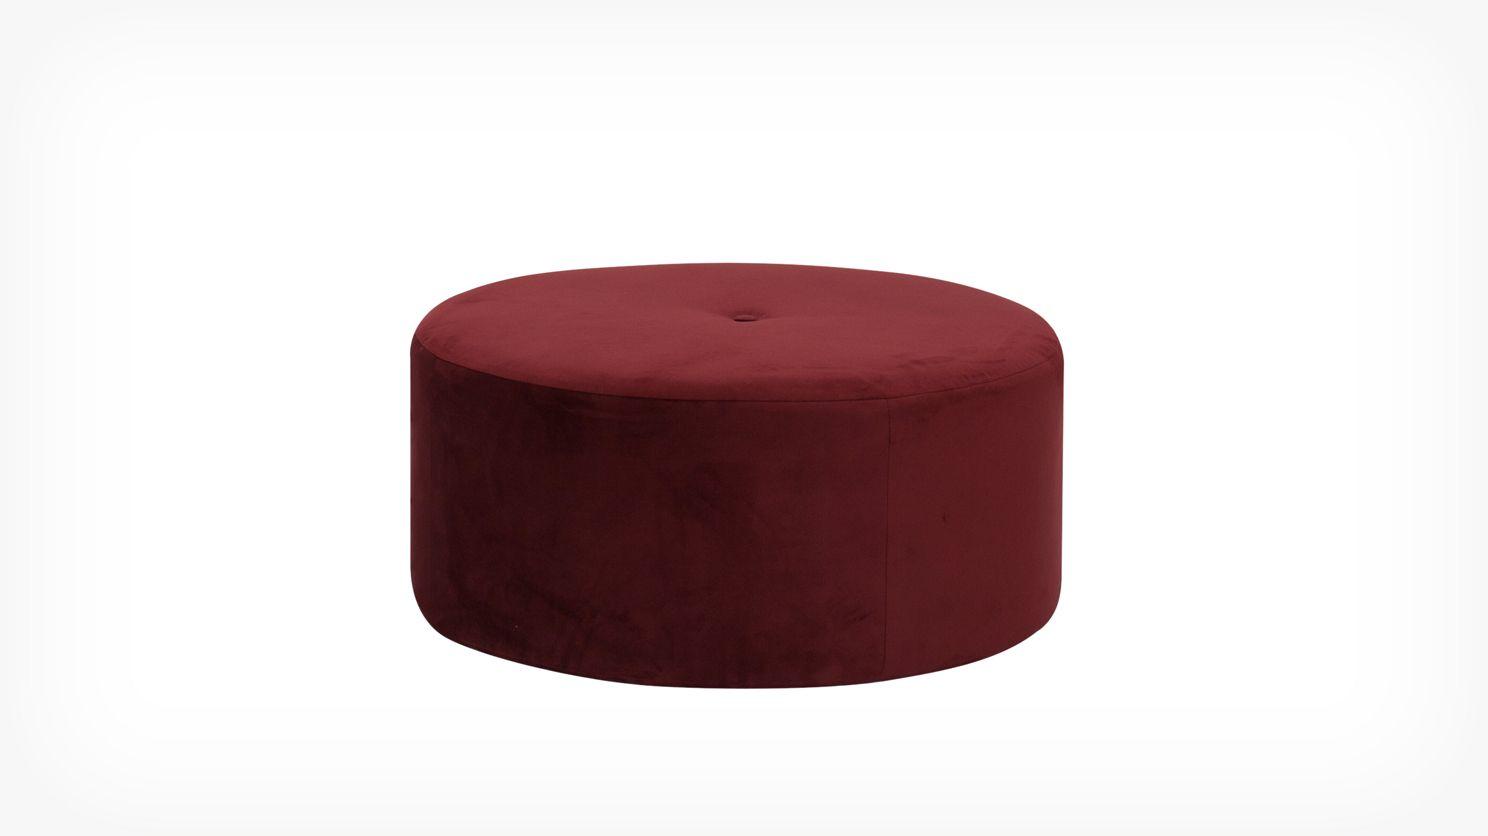 Super Sphere Ottoman Fabric Poufs Fabric Ottoman Ottoman Alphanode Cool Chair Designs And Ideas Alphanodeonline